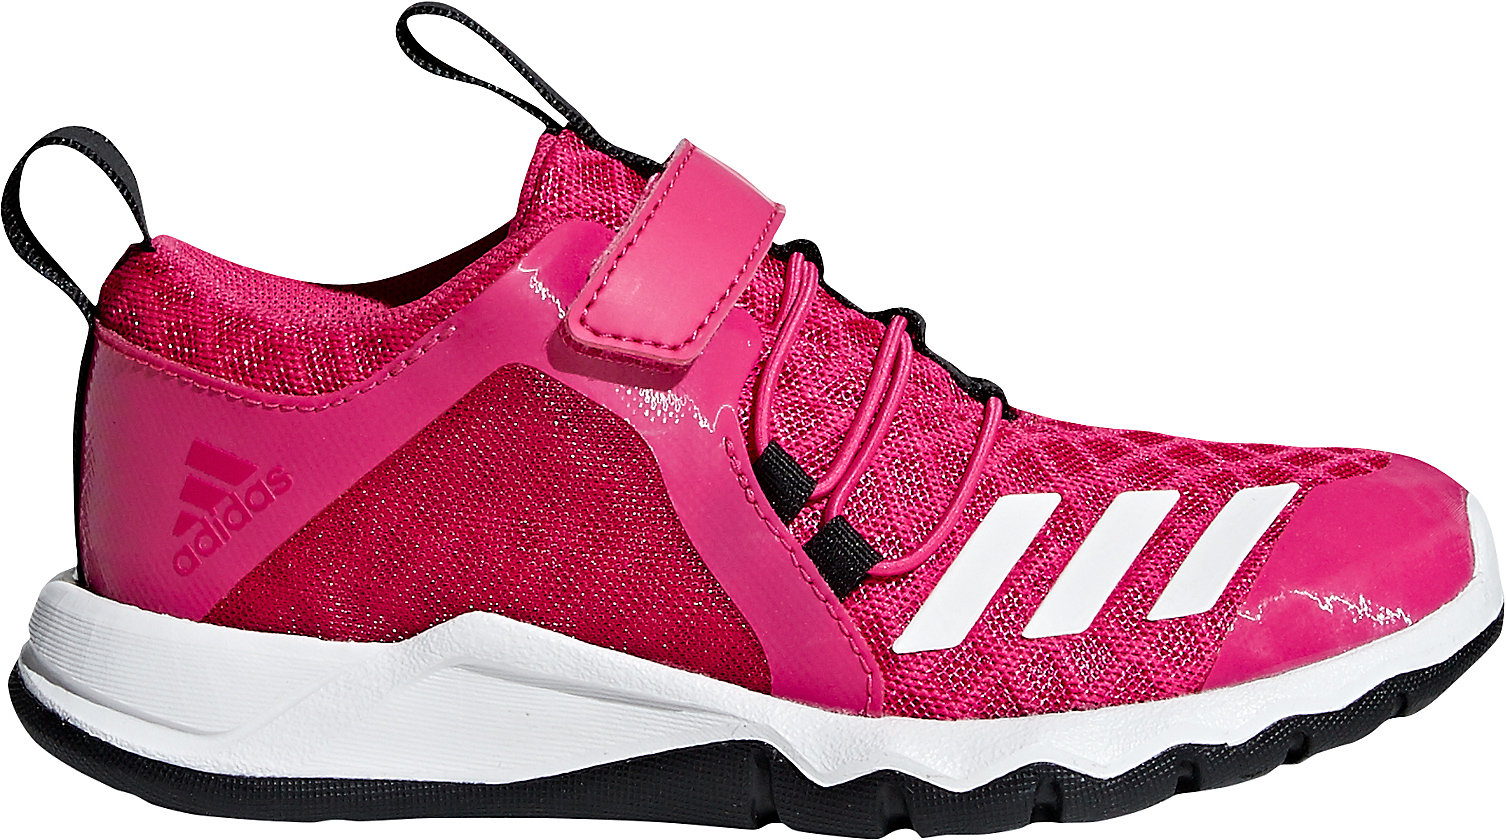 adidas Performance, Sportschuhe RAPIDA FLEX EL K für Mädchen, mehrfarbig